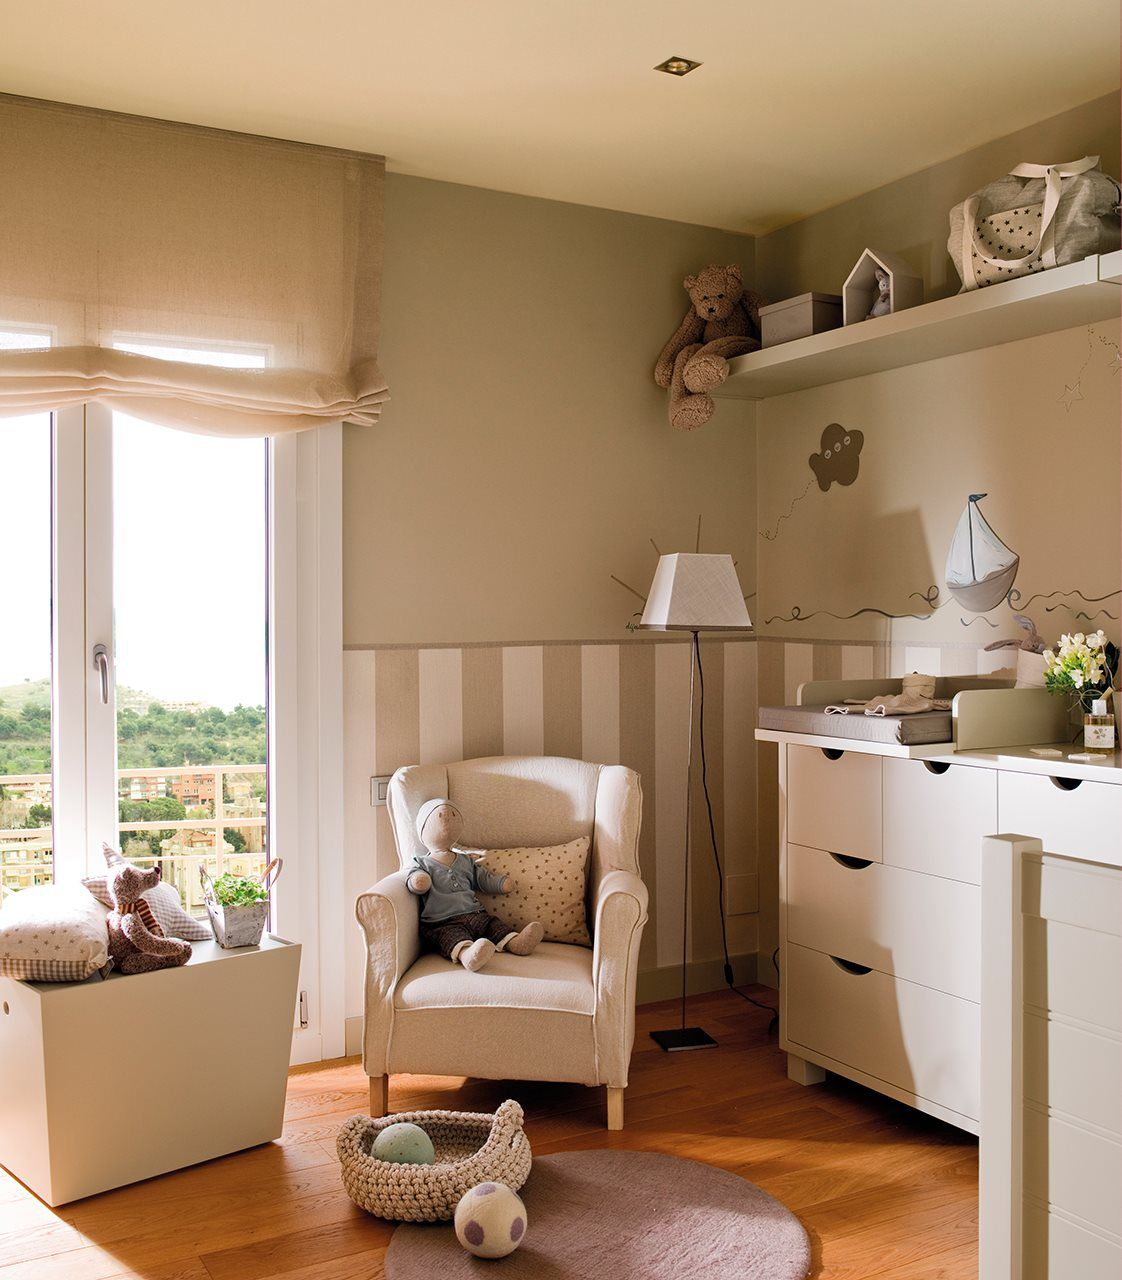 10 ideas para pintar la habitaci n de los ni os elmueble - Color habitacion nino ...